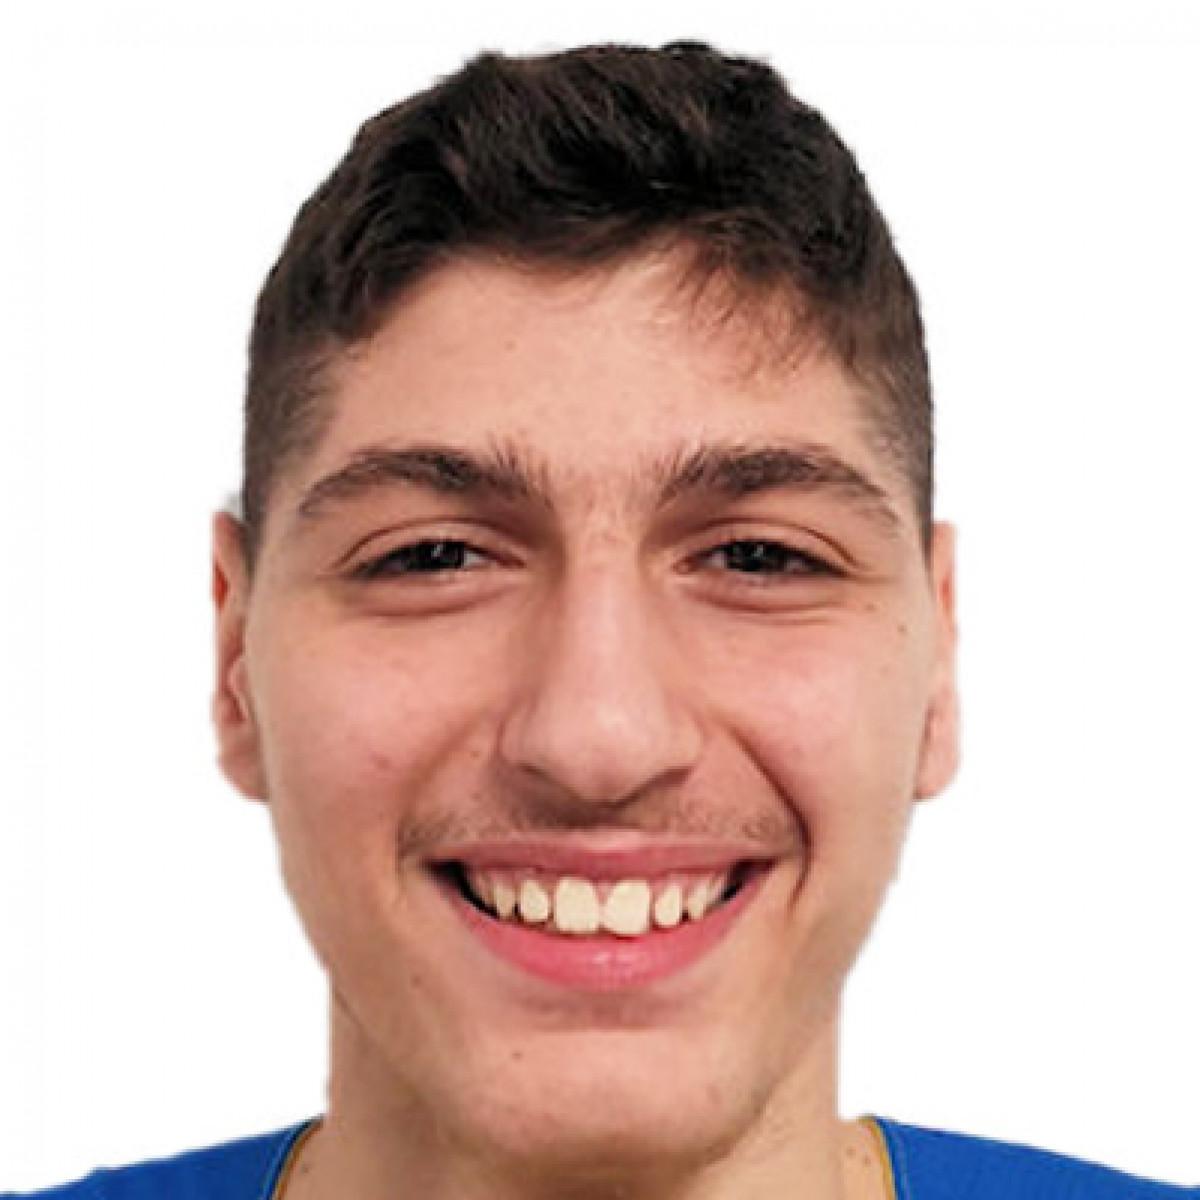 Michael Eliaszadeh